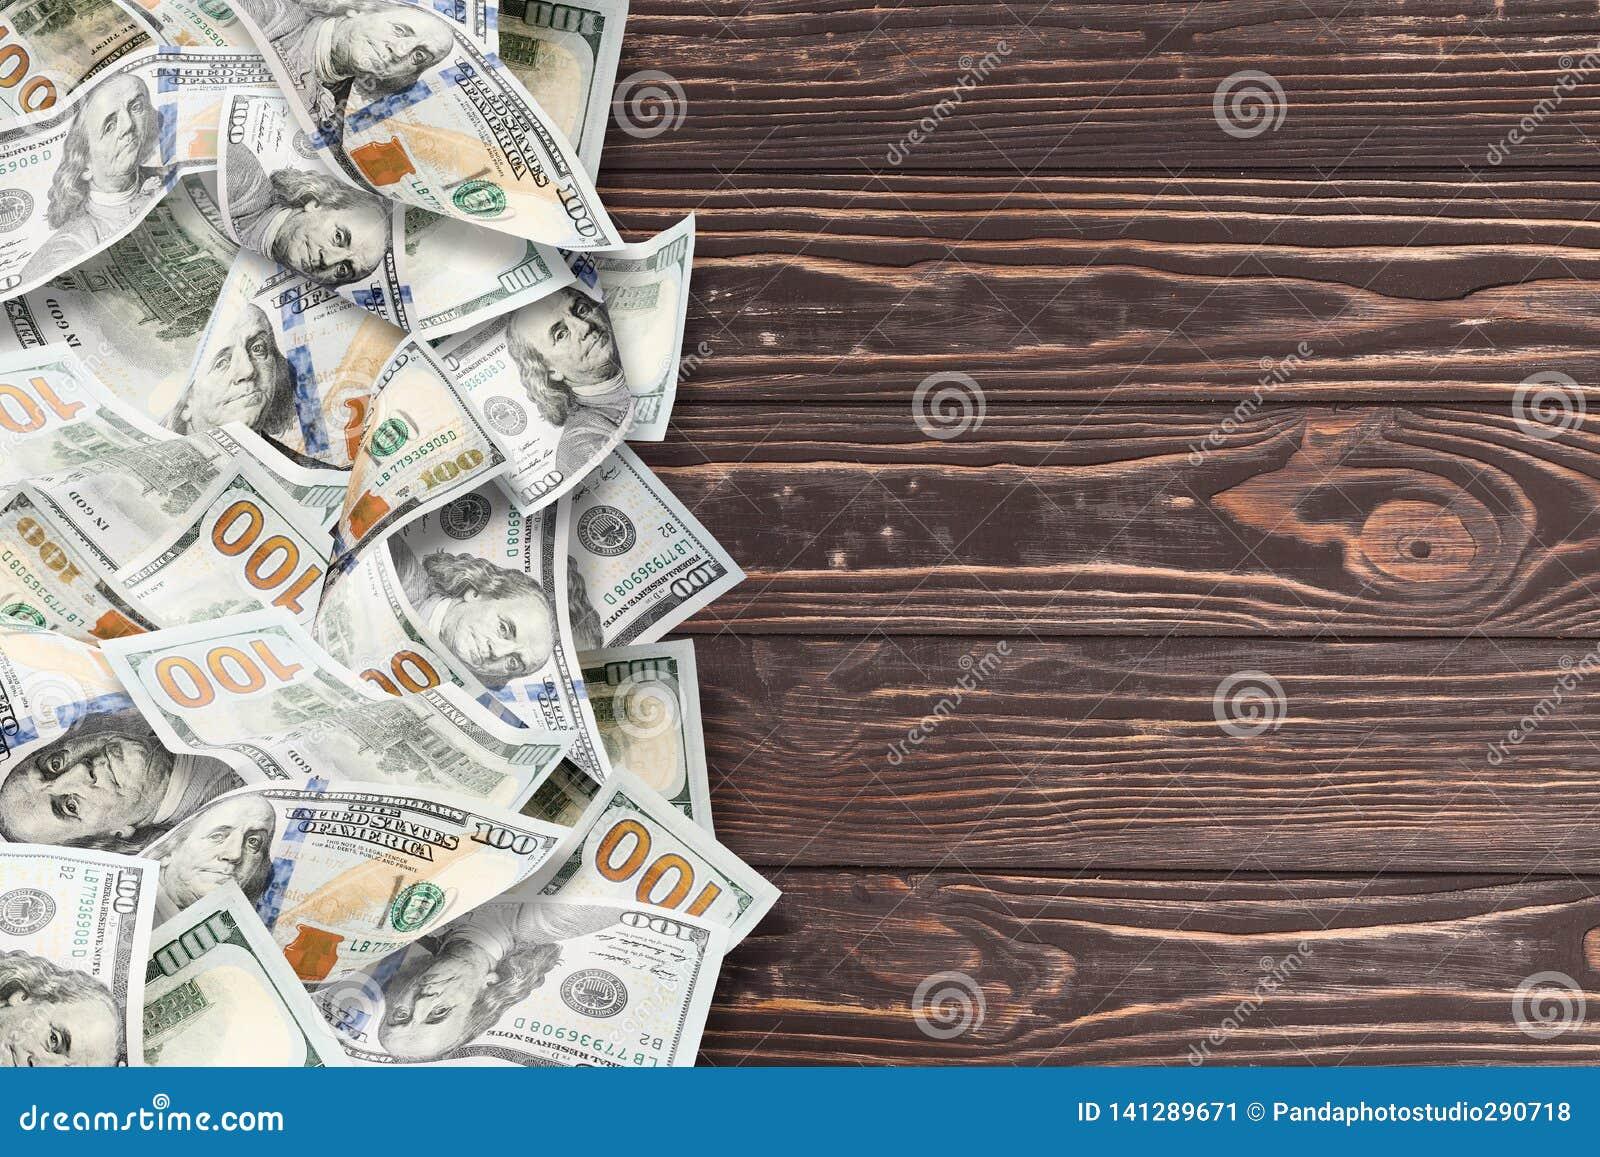 Πολλά δολάρια σε ένα ξύλινο υπόβαθρο